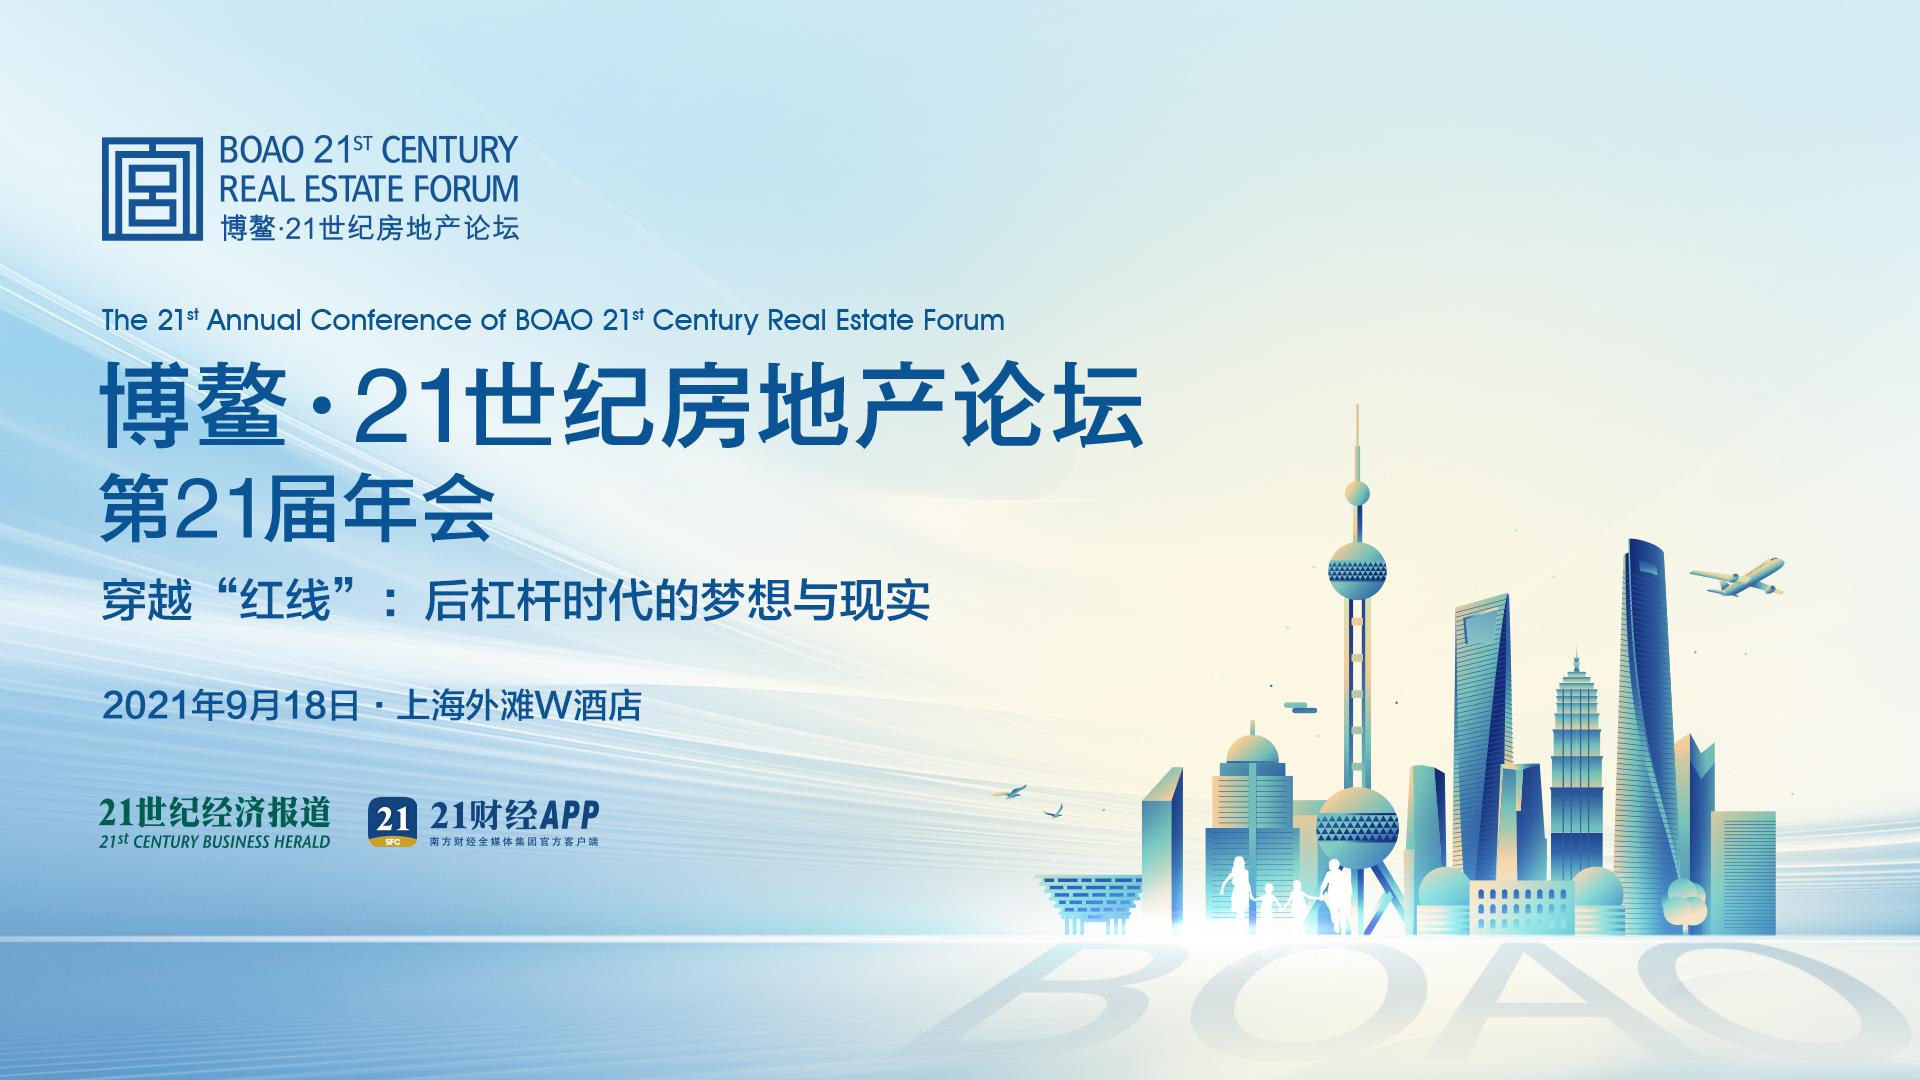 直播丨博鳌·21世纪房地产论坛第21届年会